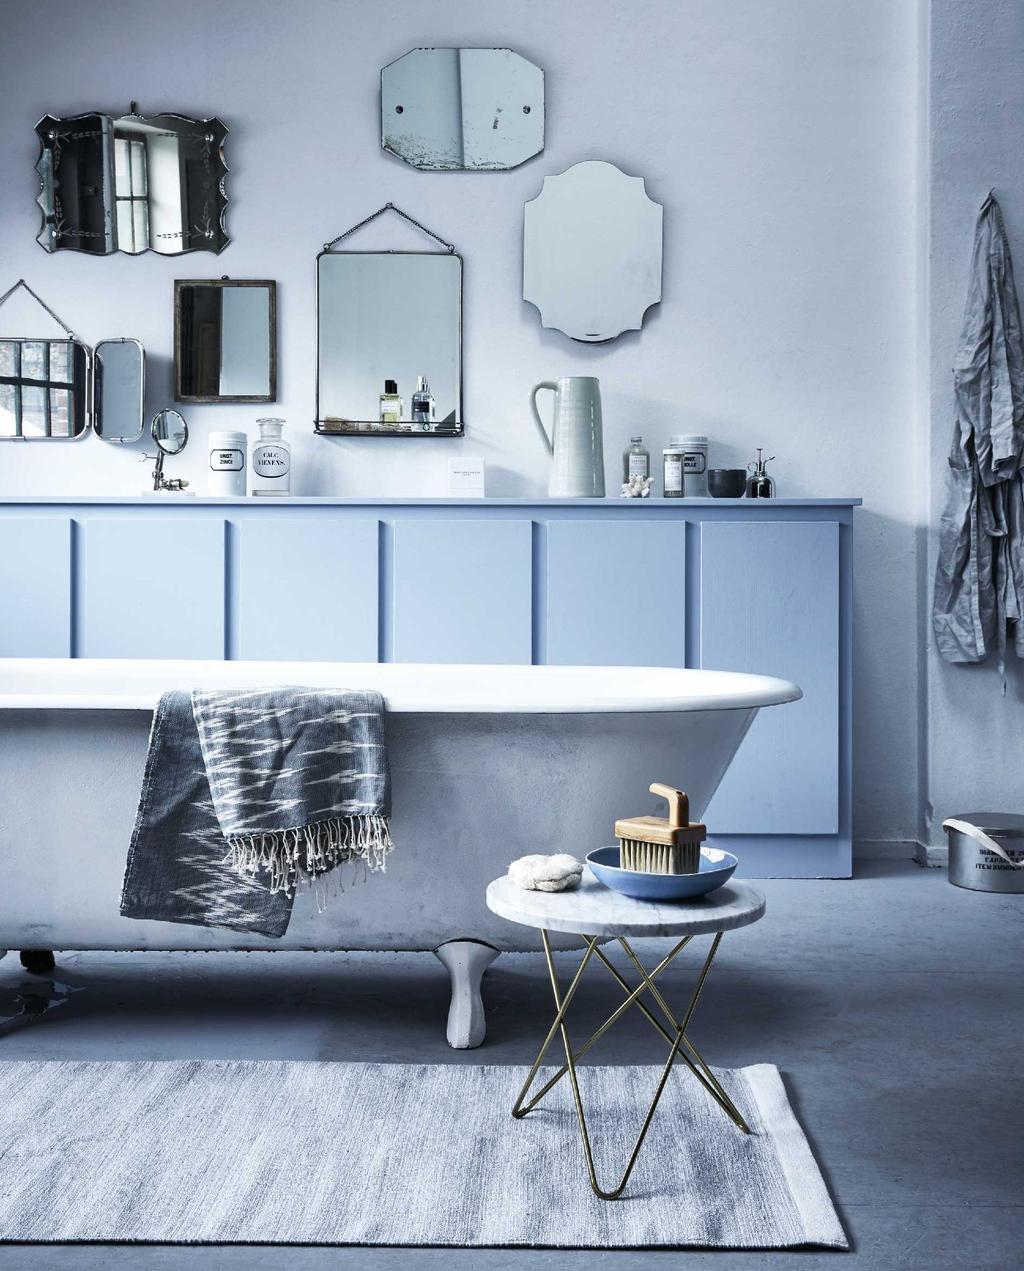 badkamer | blauw | bad | spiegels | badkamerkast | bijzettafel | hamamdoek